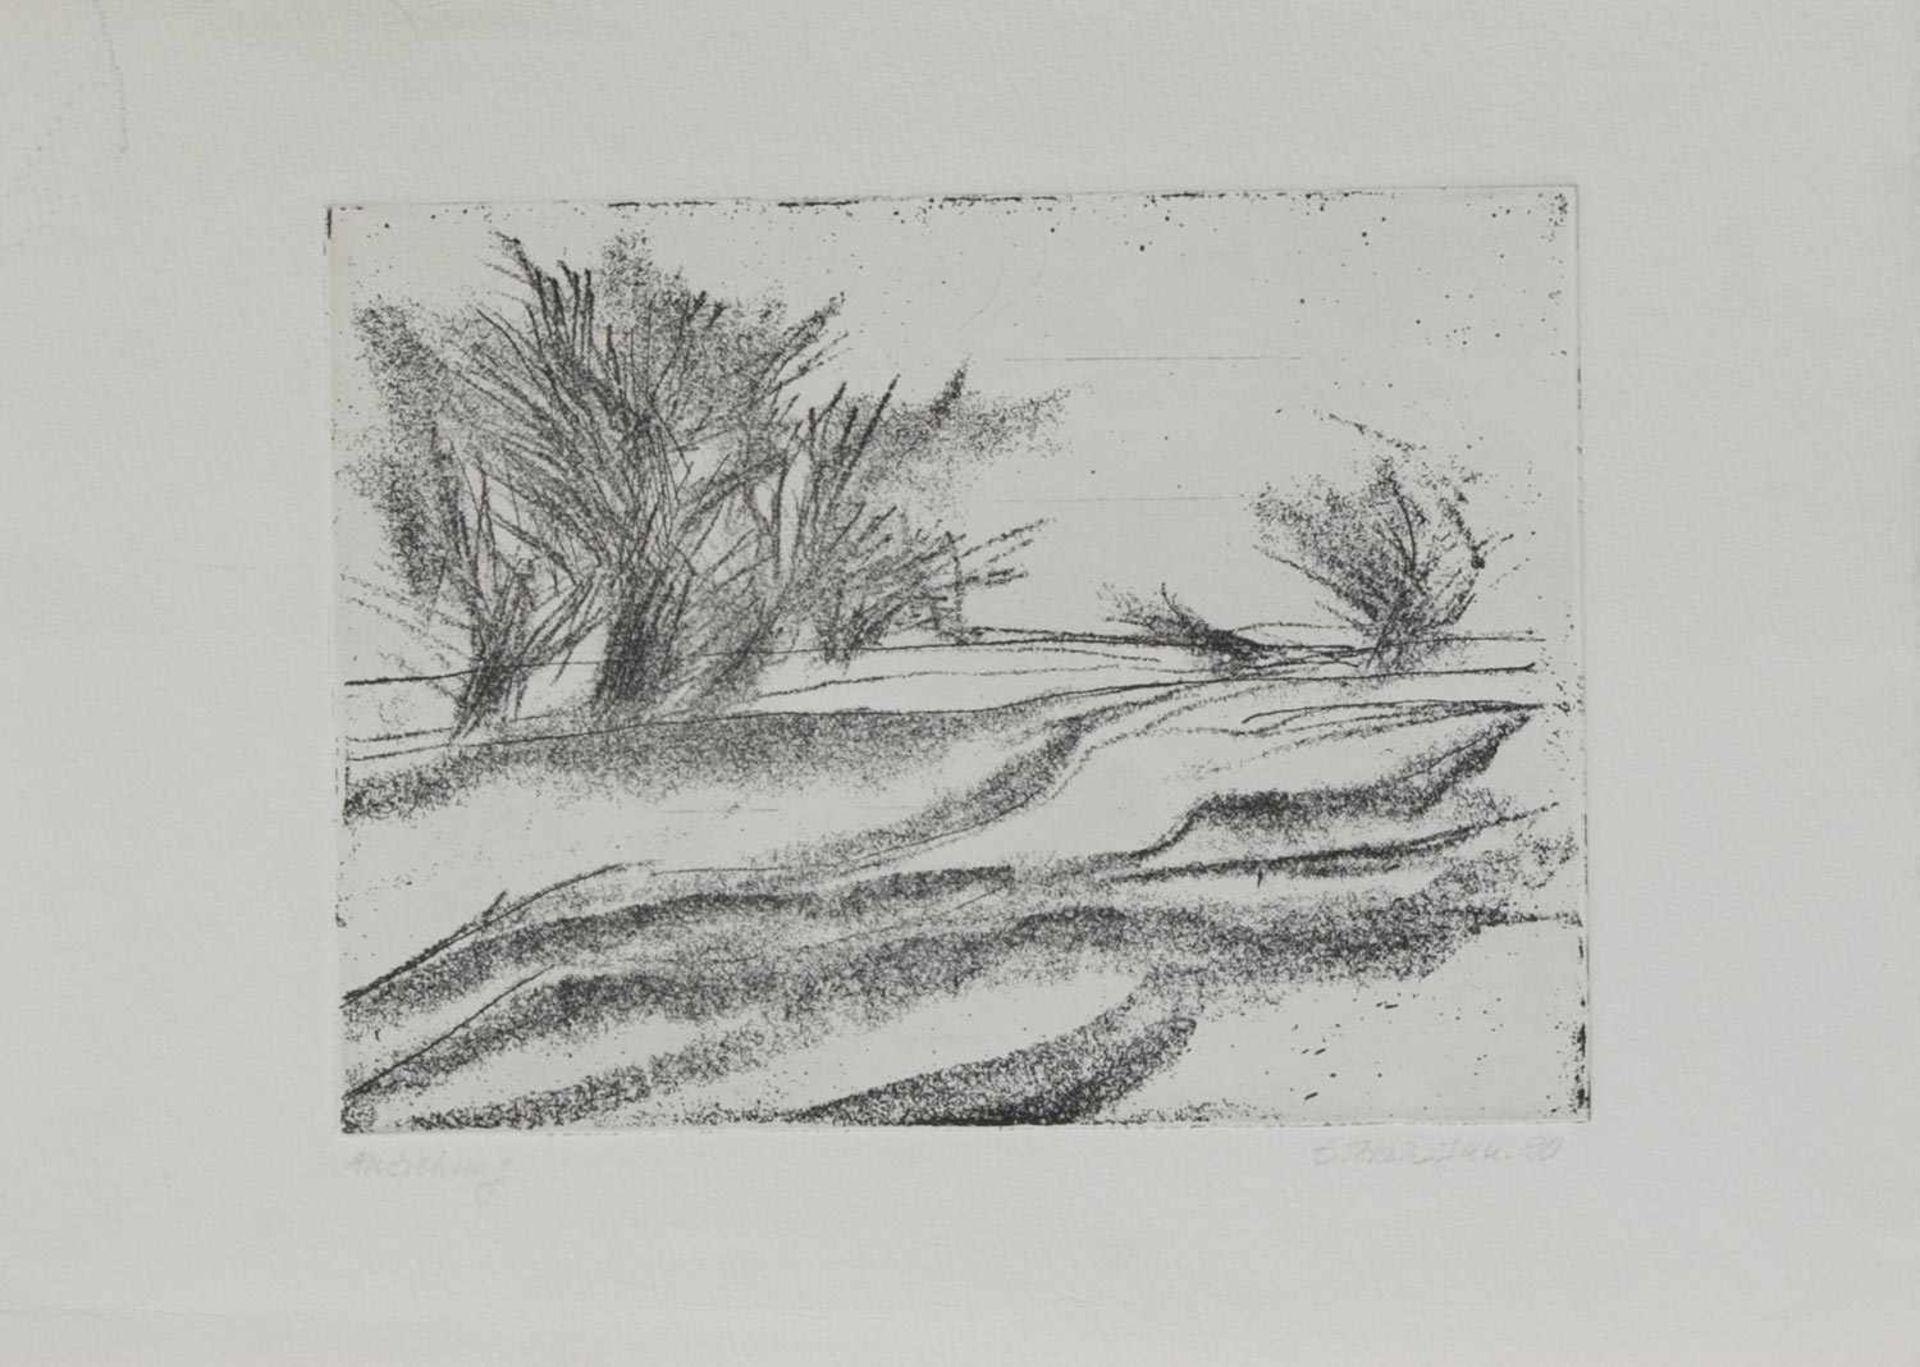 Unbekannt (Grafiker u. Zeichner d. 20. Jh.)AnziehungOriginal Radierung, 15 x 20 cm, unger., undeutl.